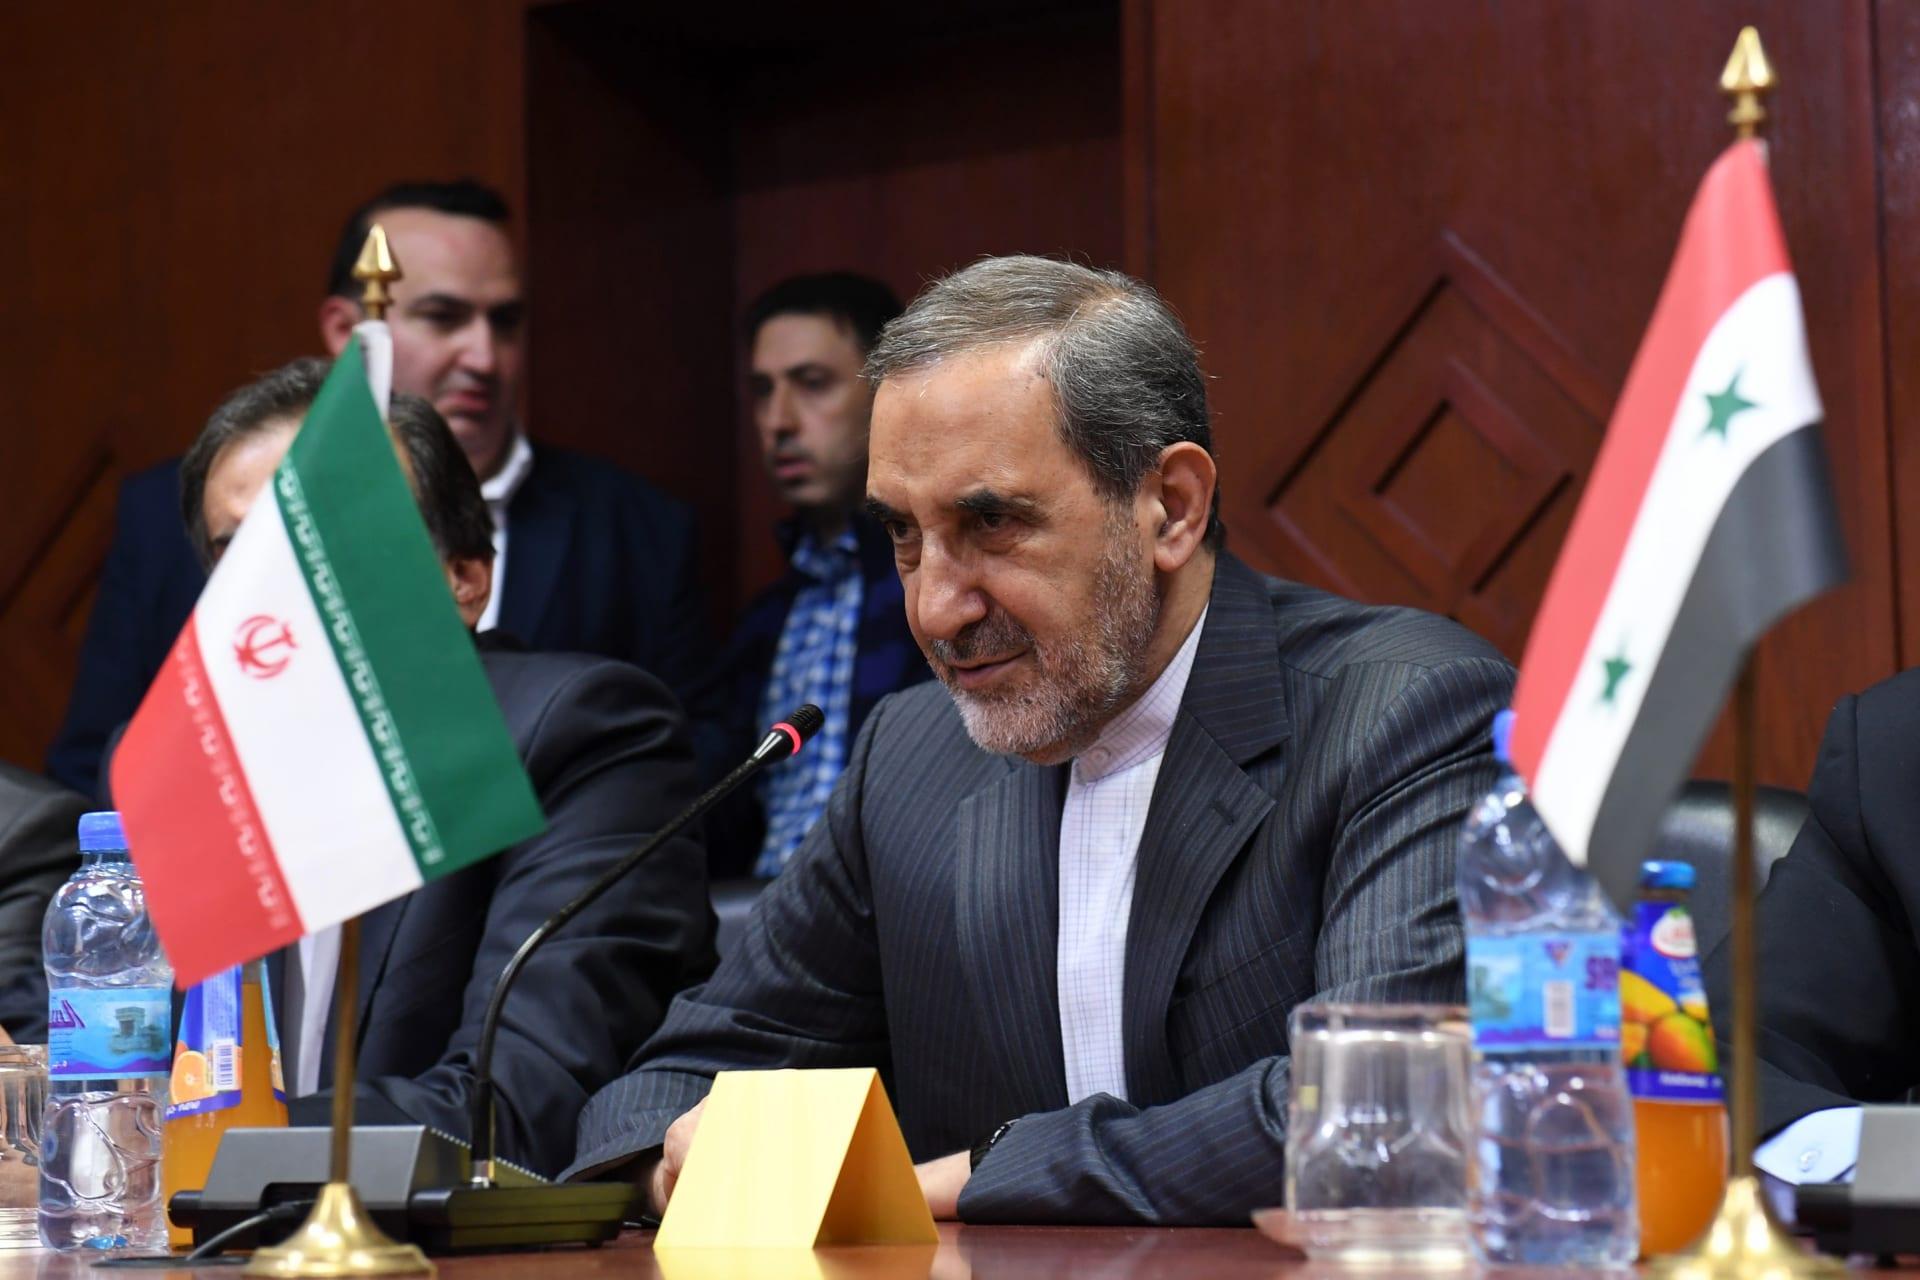 ولايتي عن الاحتجاجات: من ألطاف الله.. ونفوذ إيران سيتوسع